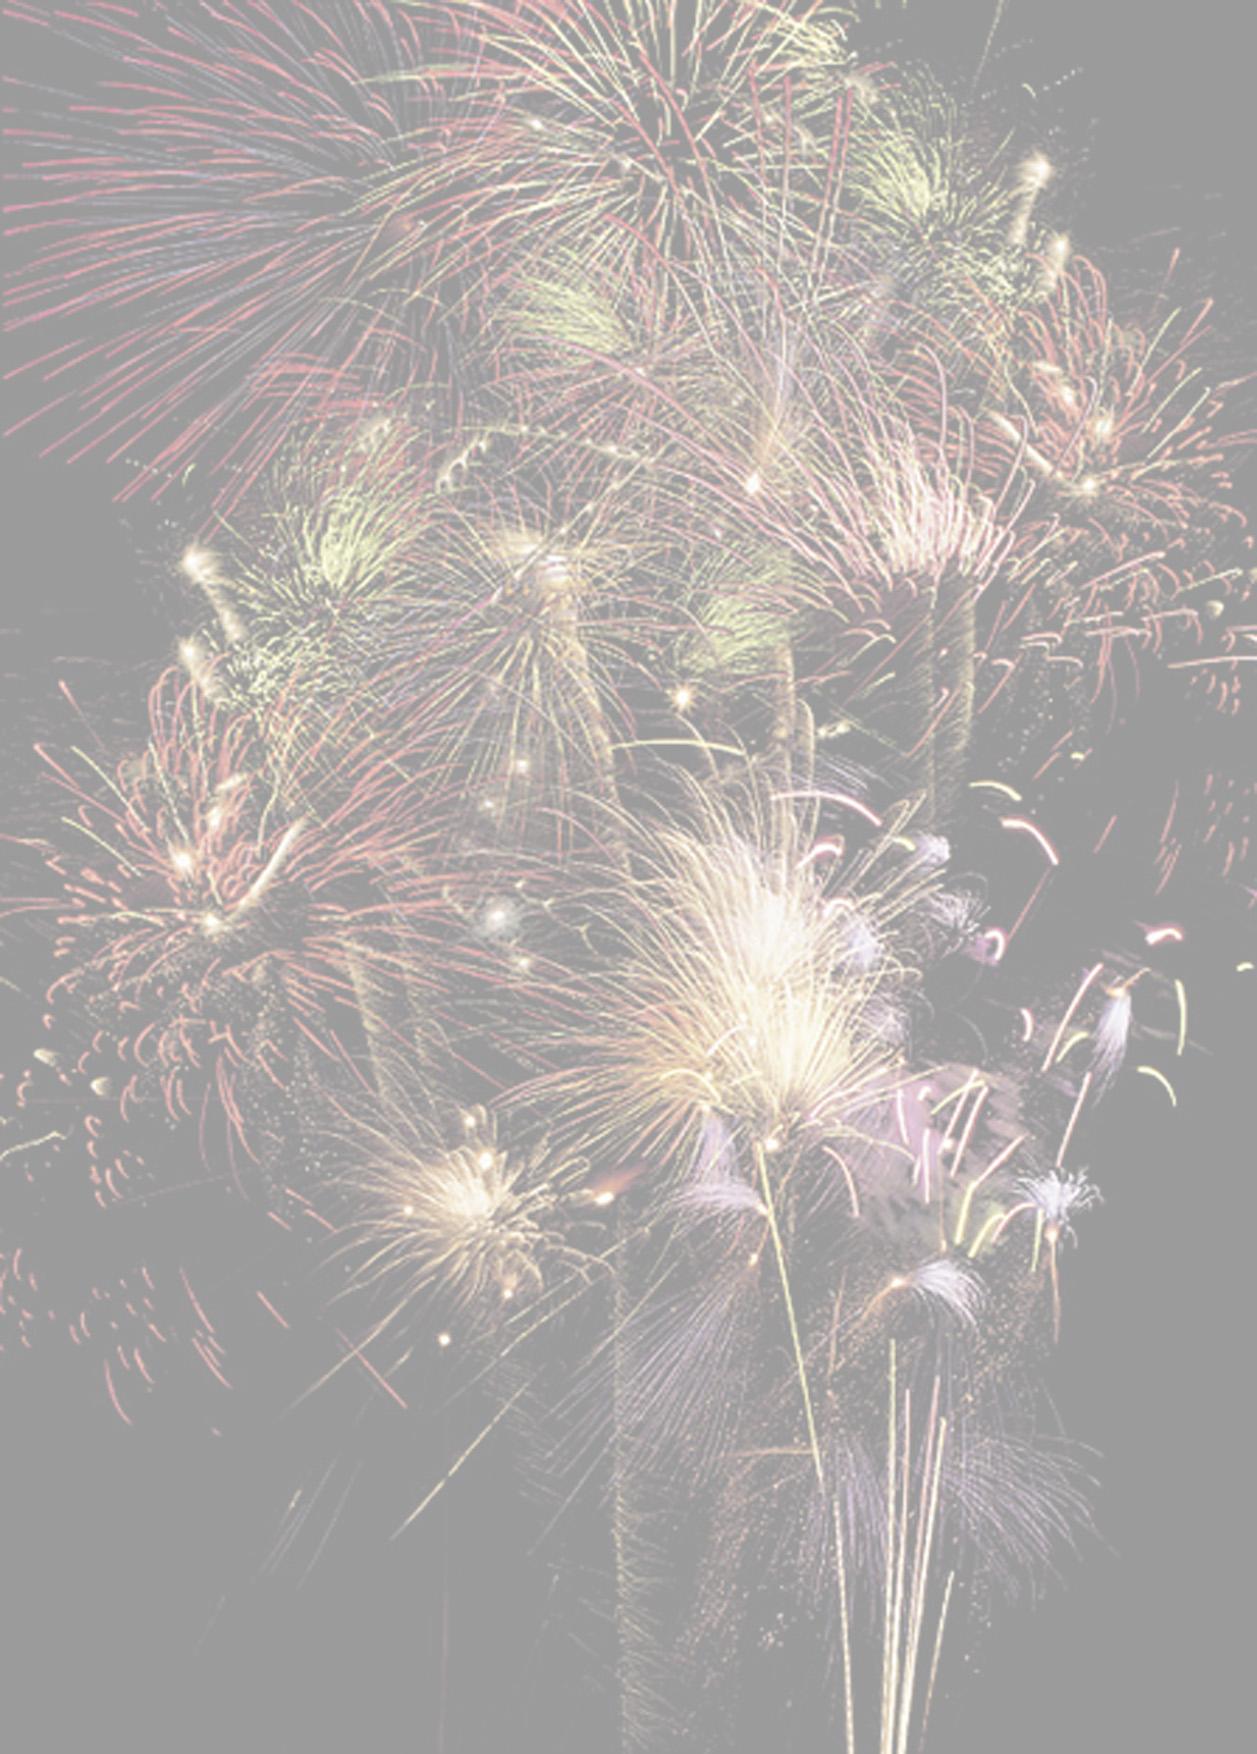 Fotobuch Hintergrundbilder fr Geburtstag und Feiern aller Art